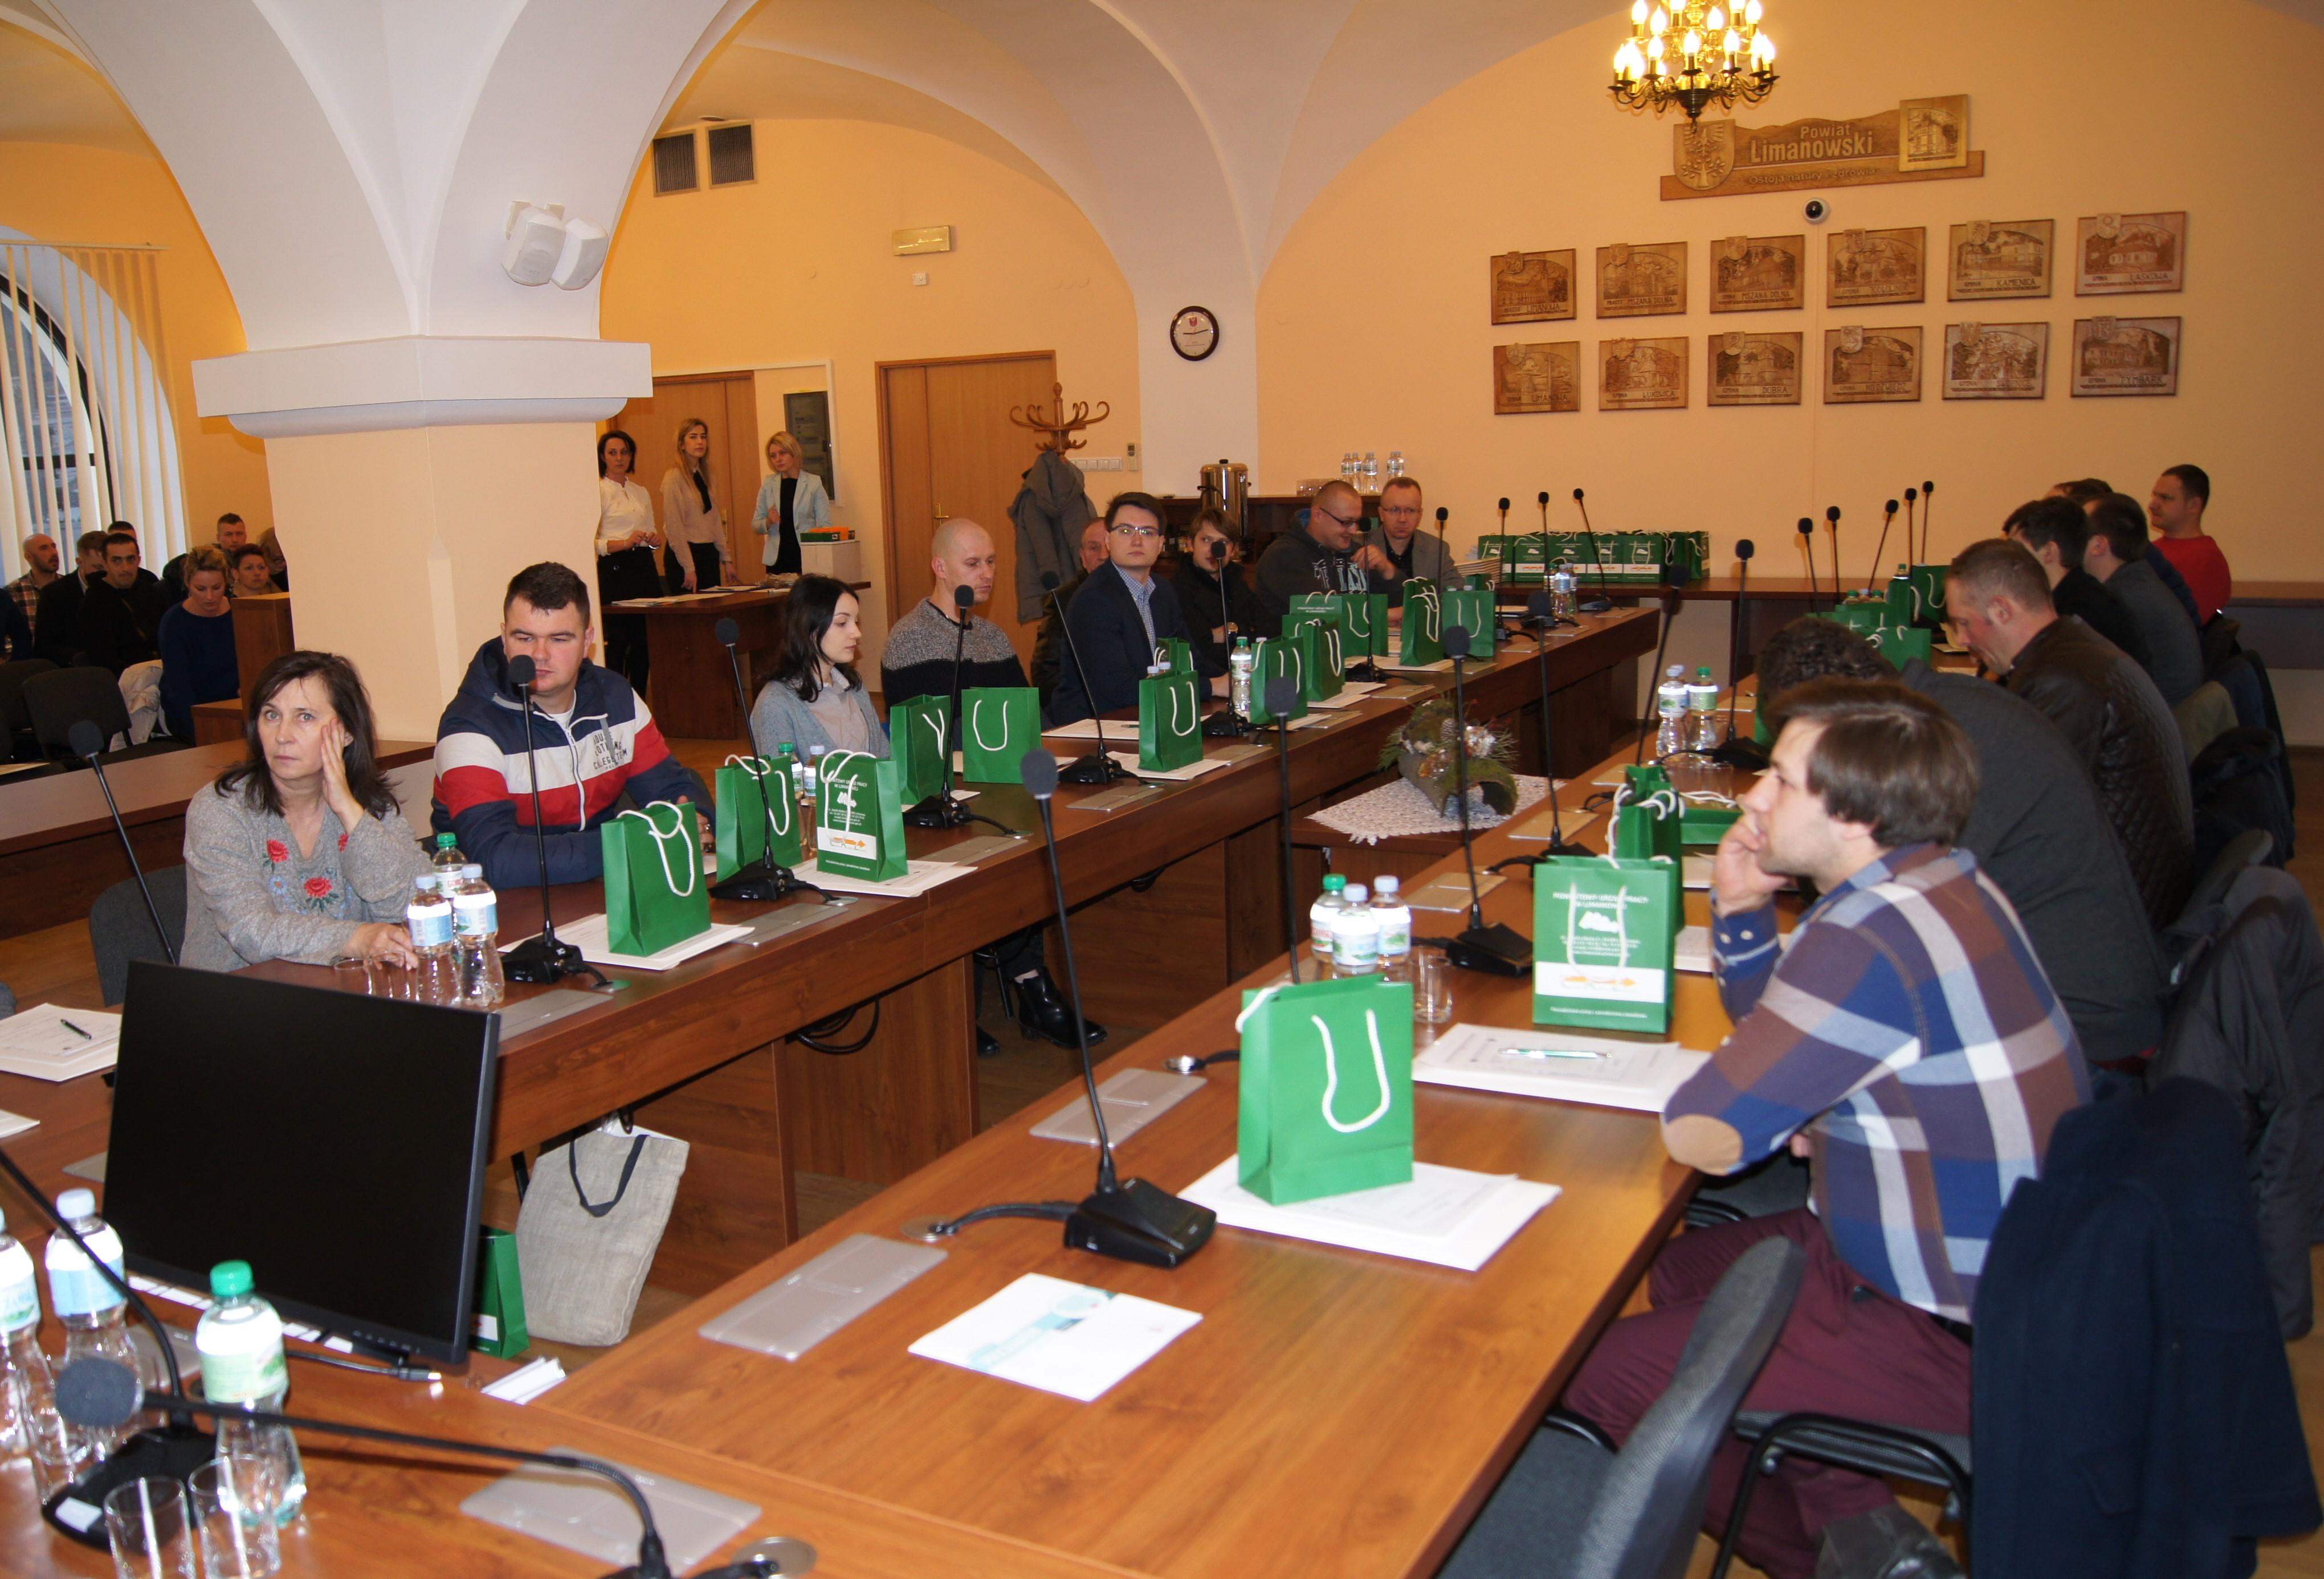 Spotkanie mikroprzedsiębiorców na sali konferencyjnej